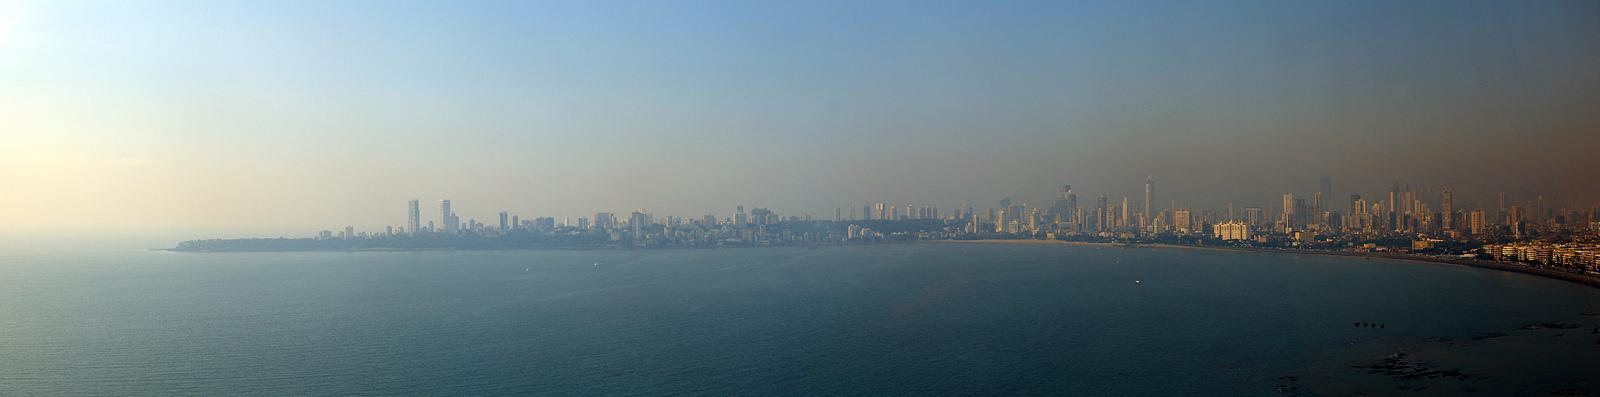 Mumbai Skyline*